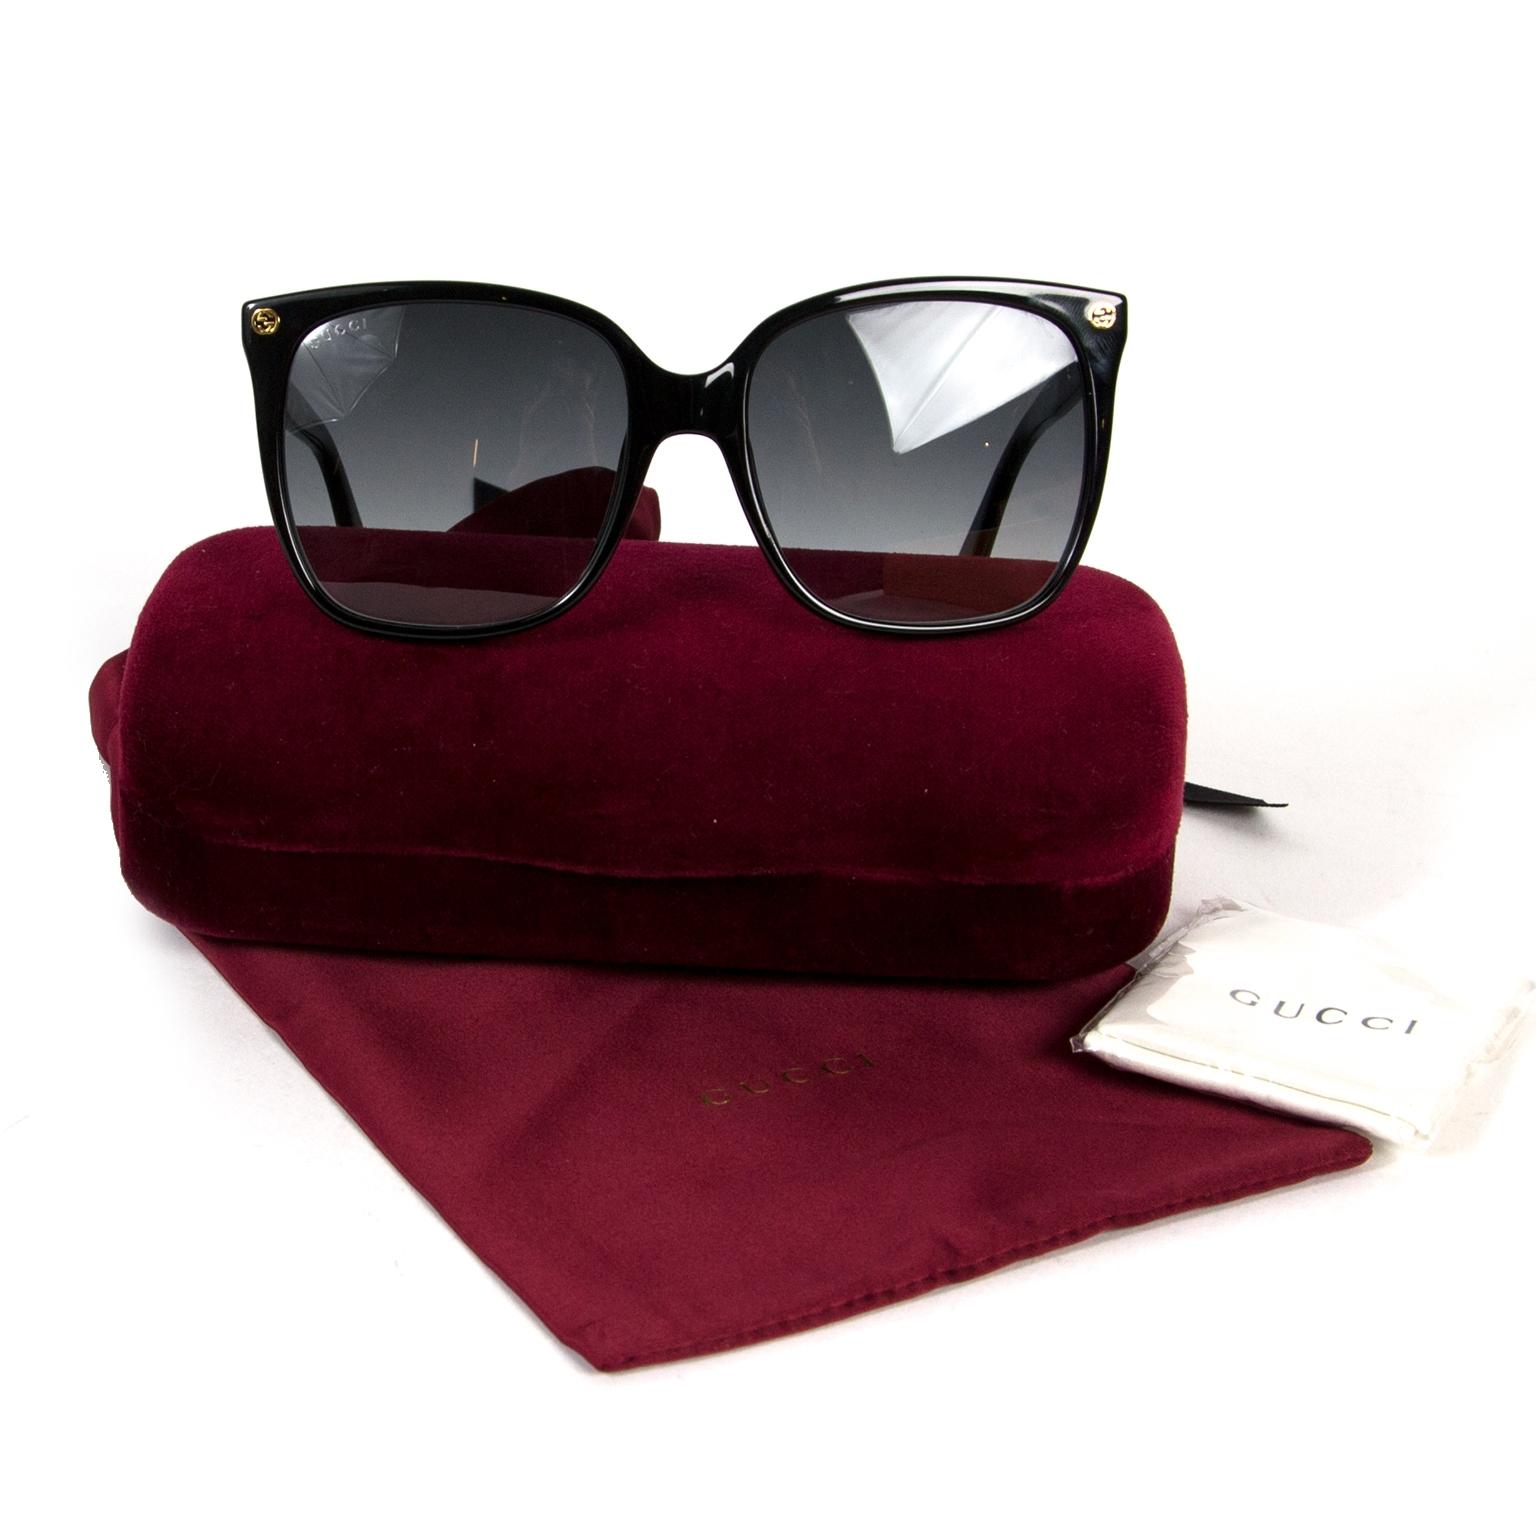 Koop en verkoop uw authentieke Gucci Black Sunglasses